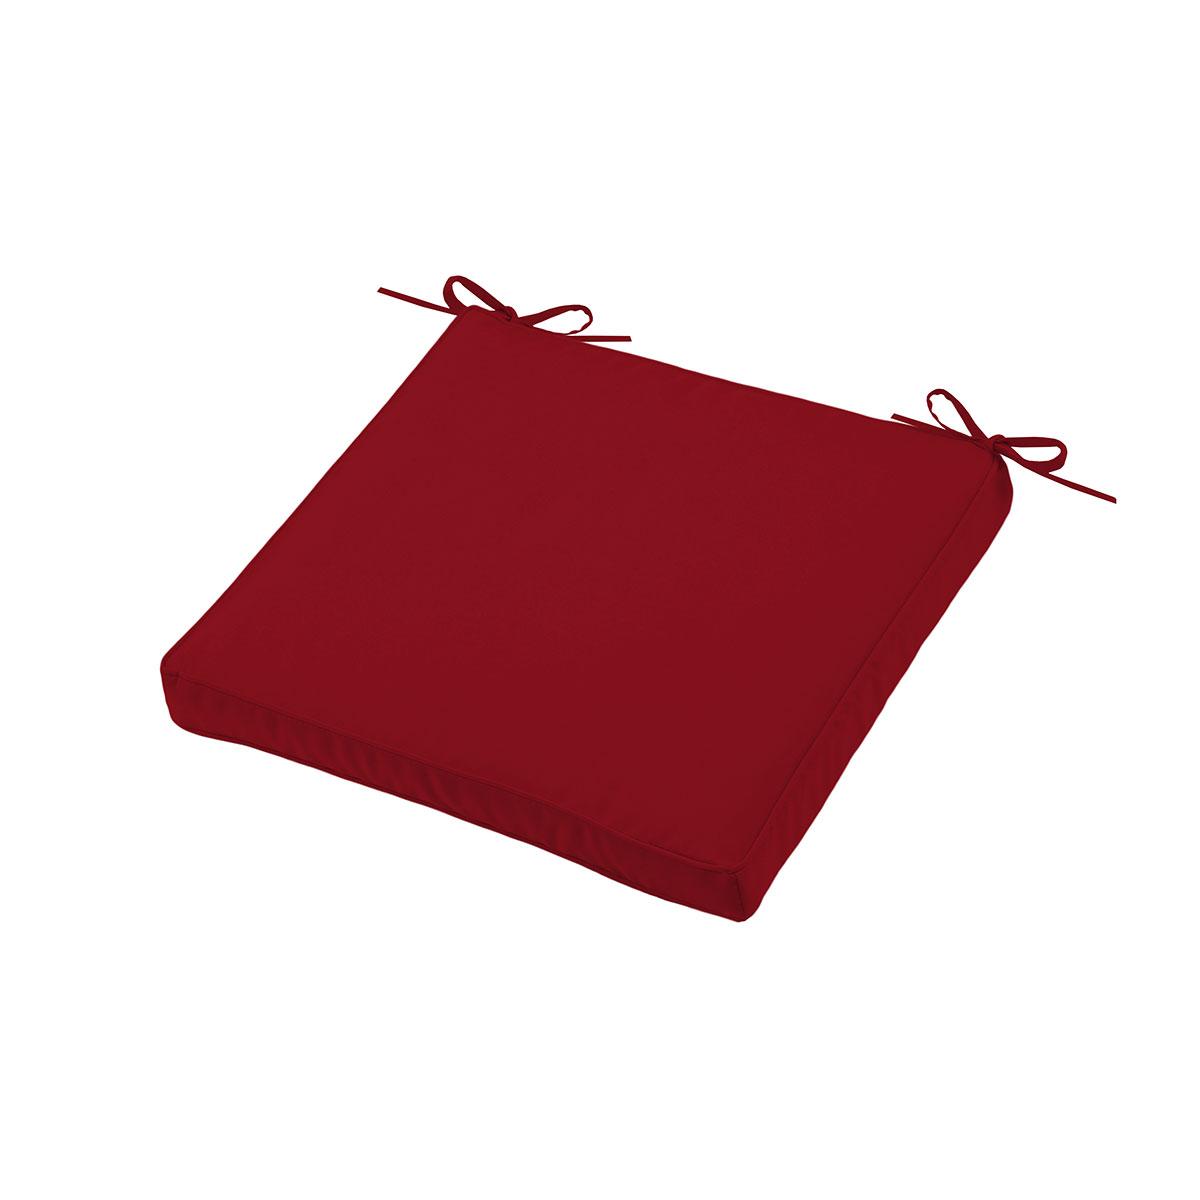 Almohadilla de silla outdoor colorida (Rojo)